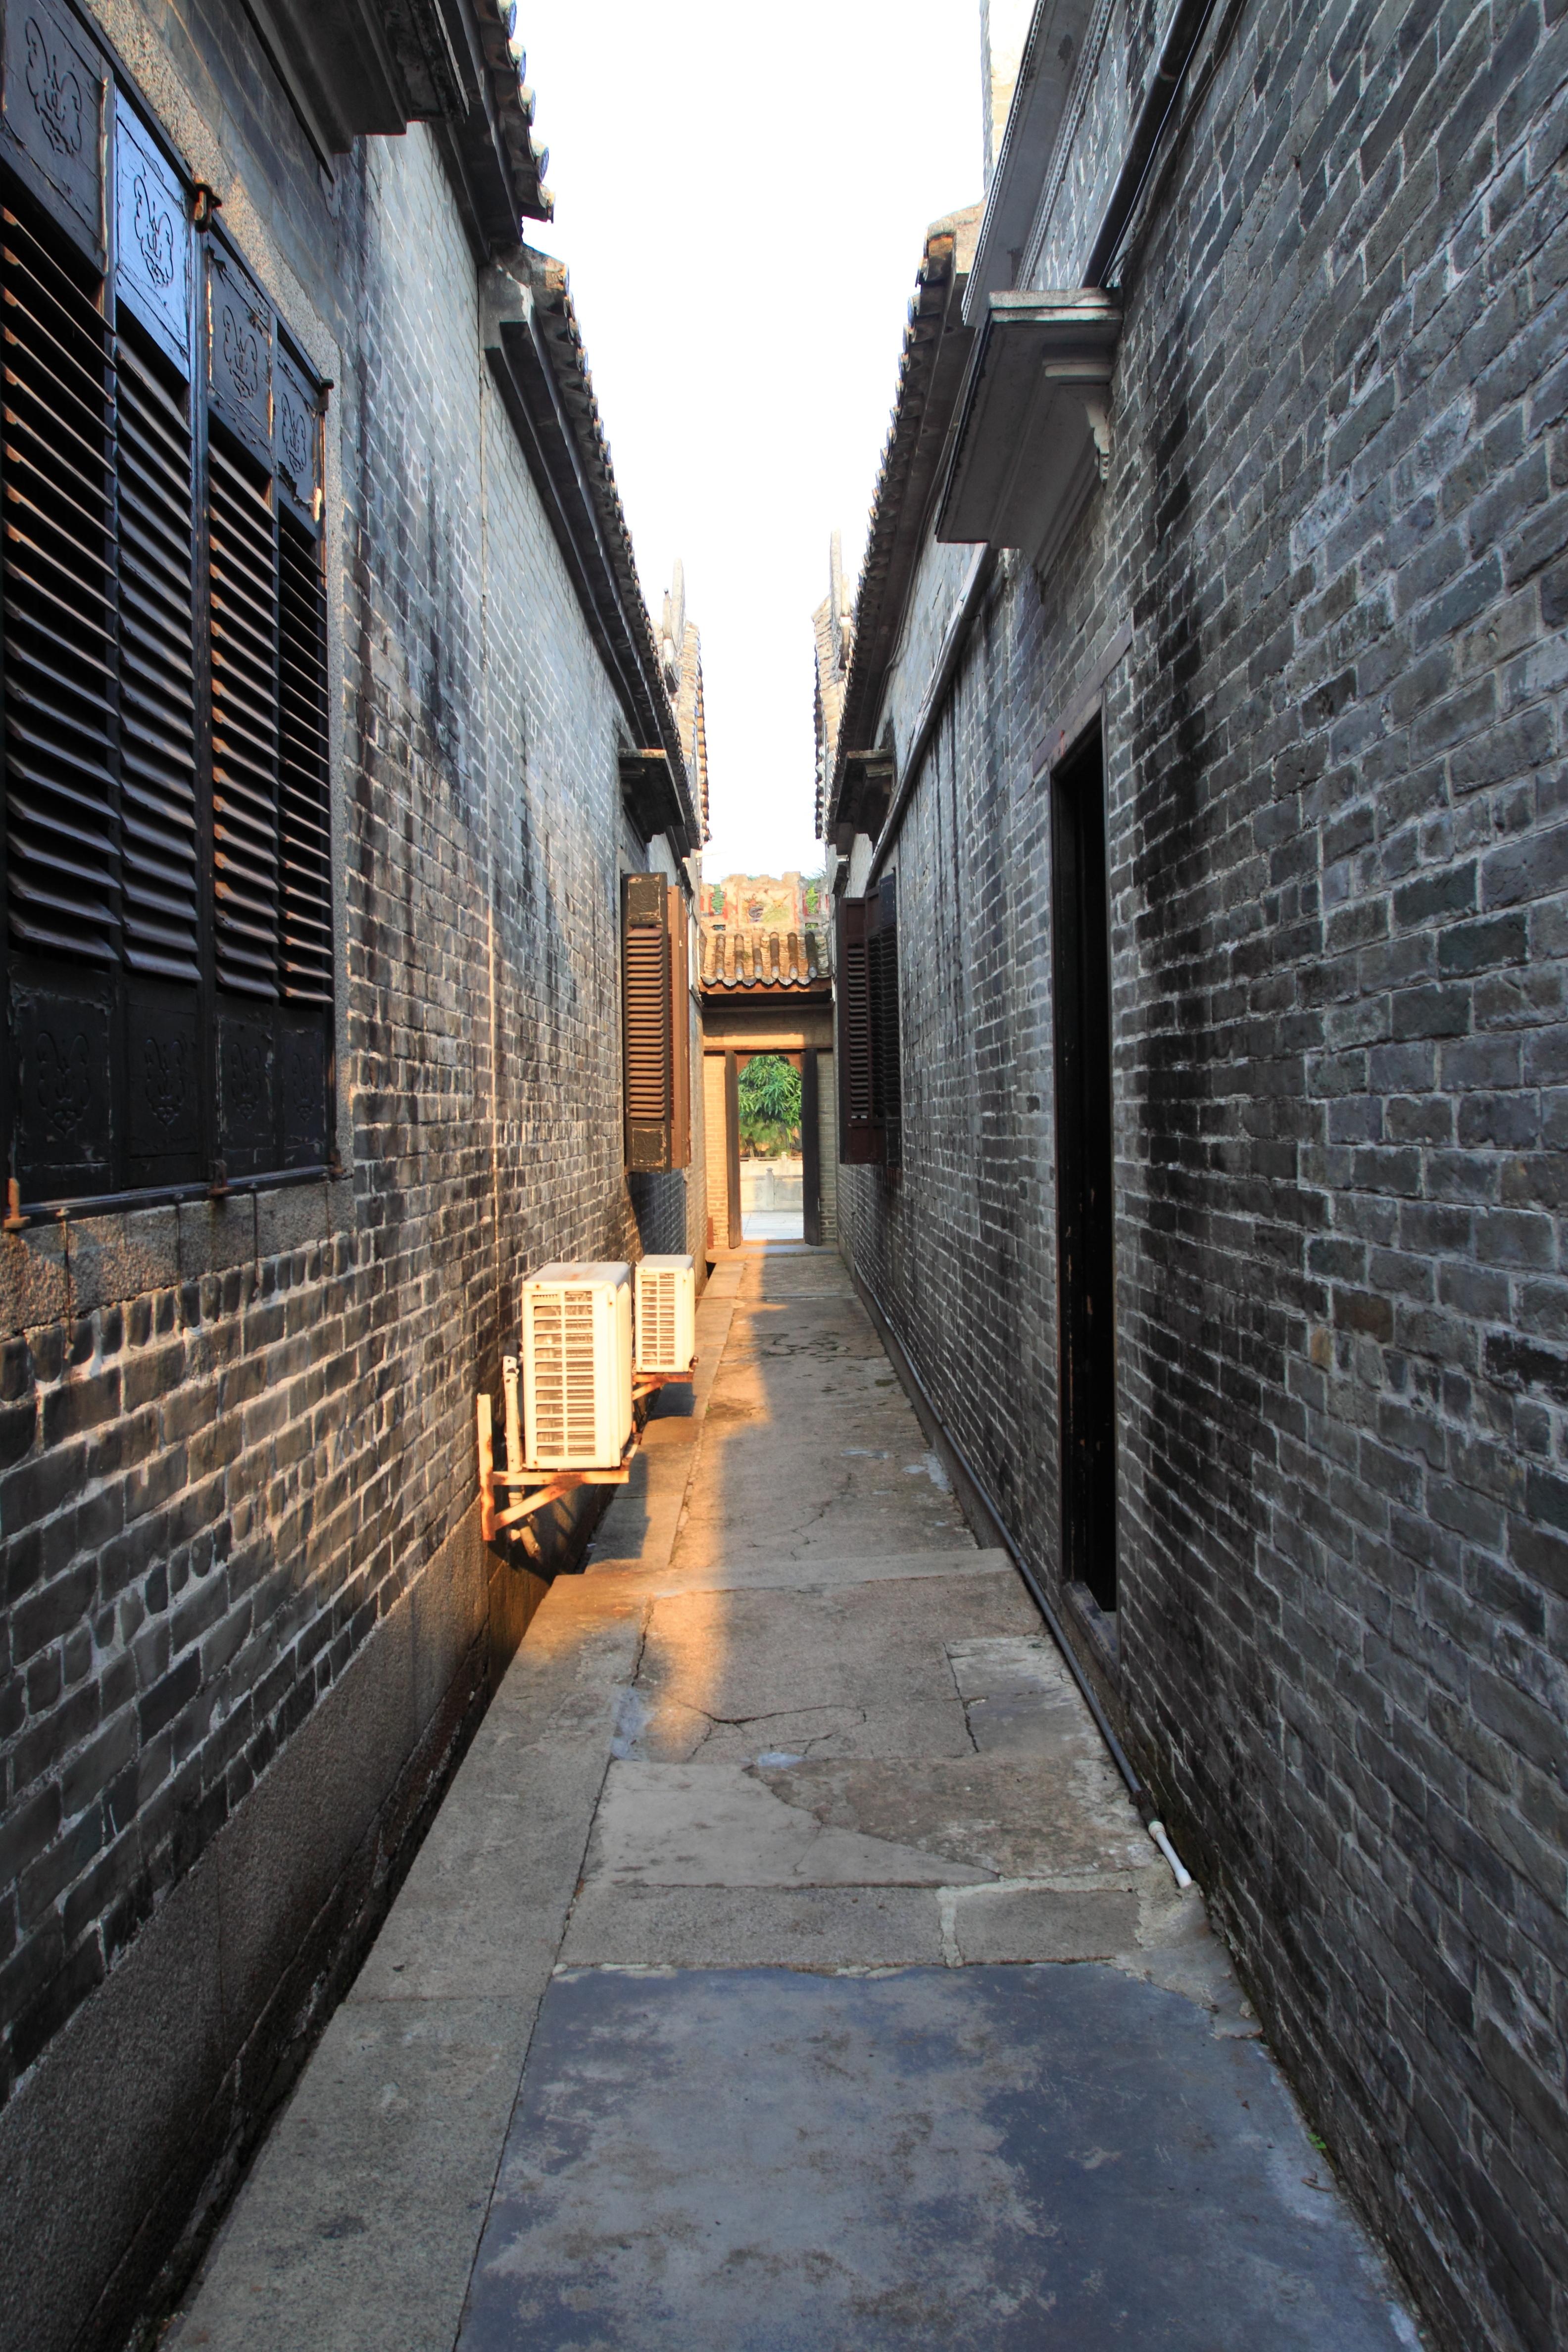 FileGuangzhou Panyu Yuyin Shanfang 20121119 15 57 50